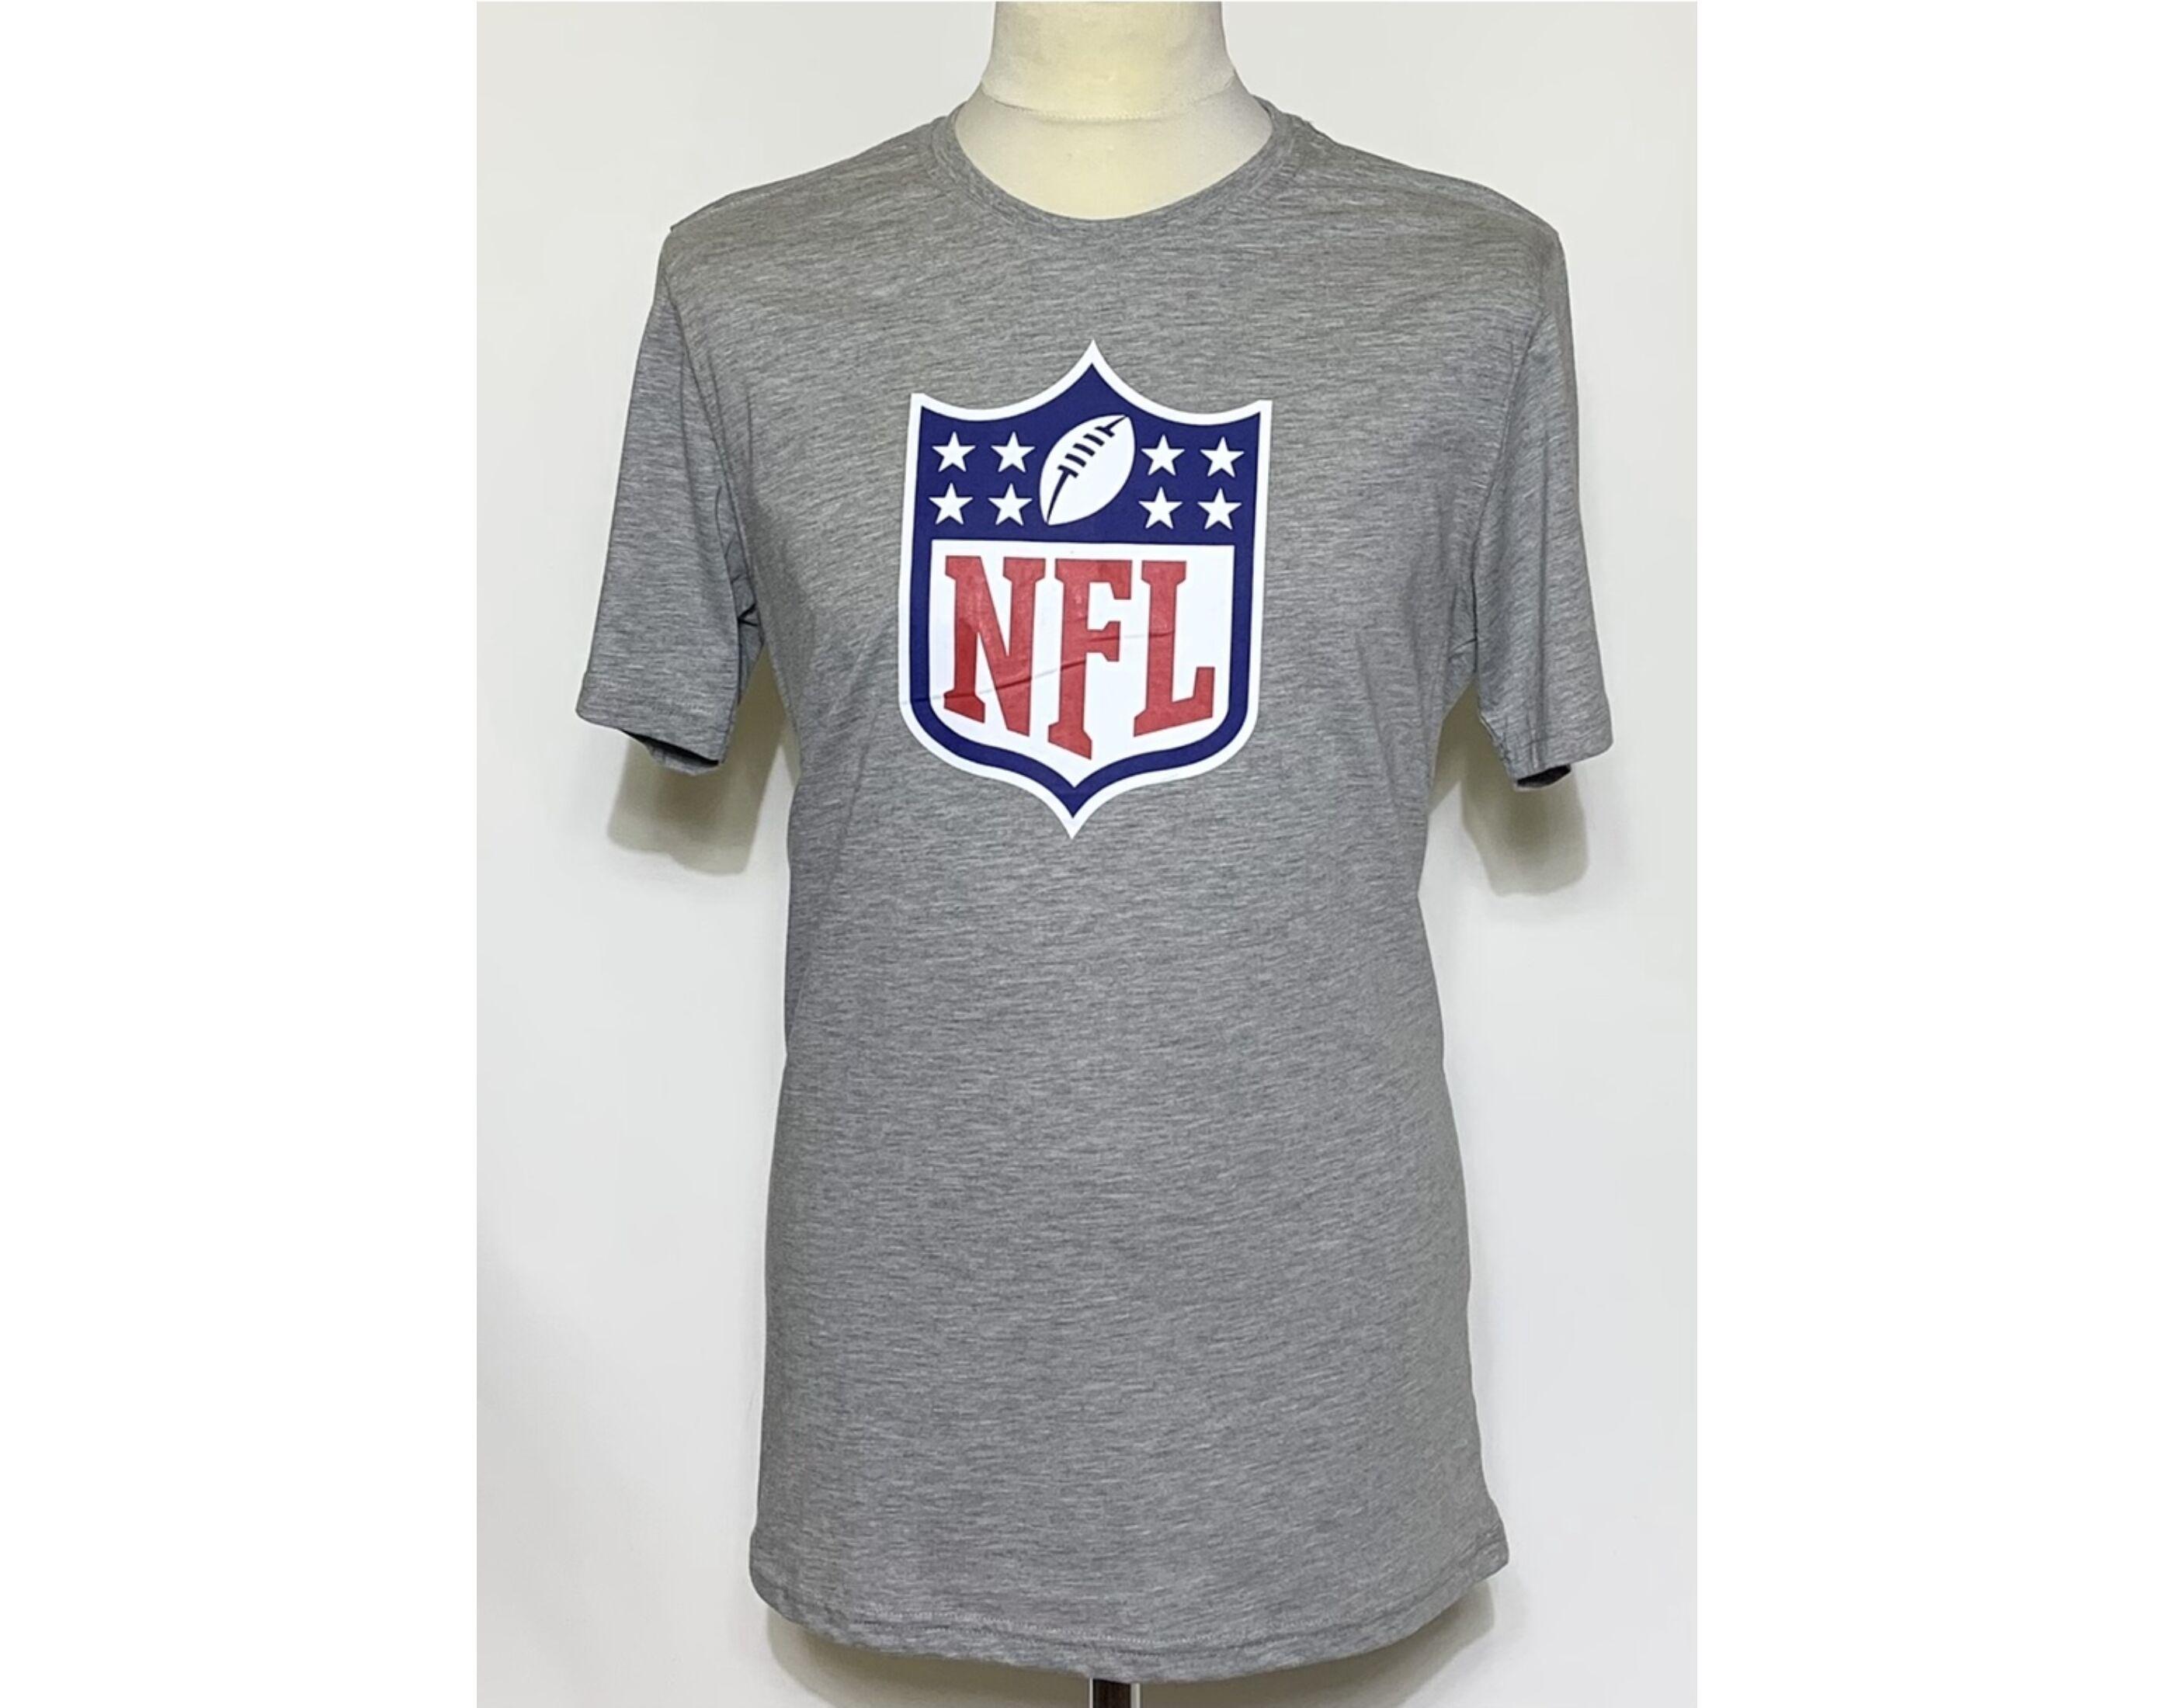 New Era NFL póló (L)